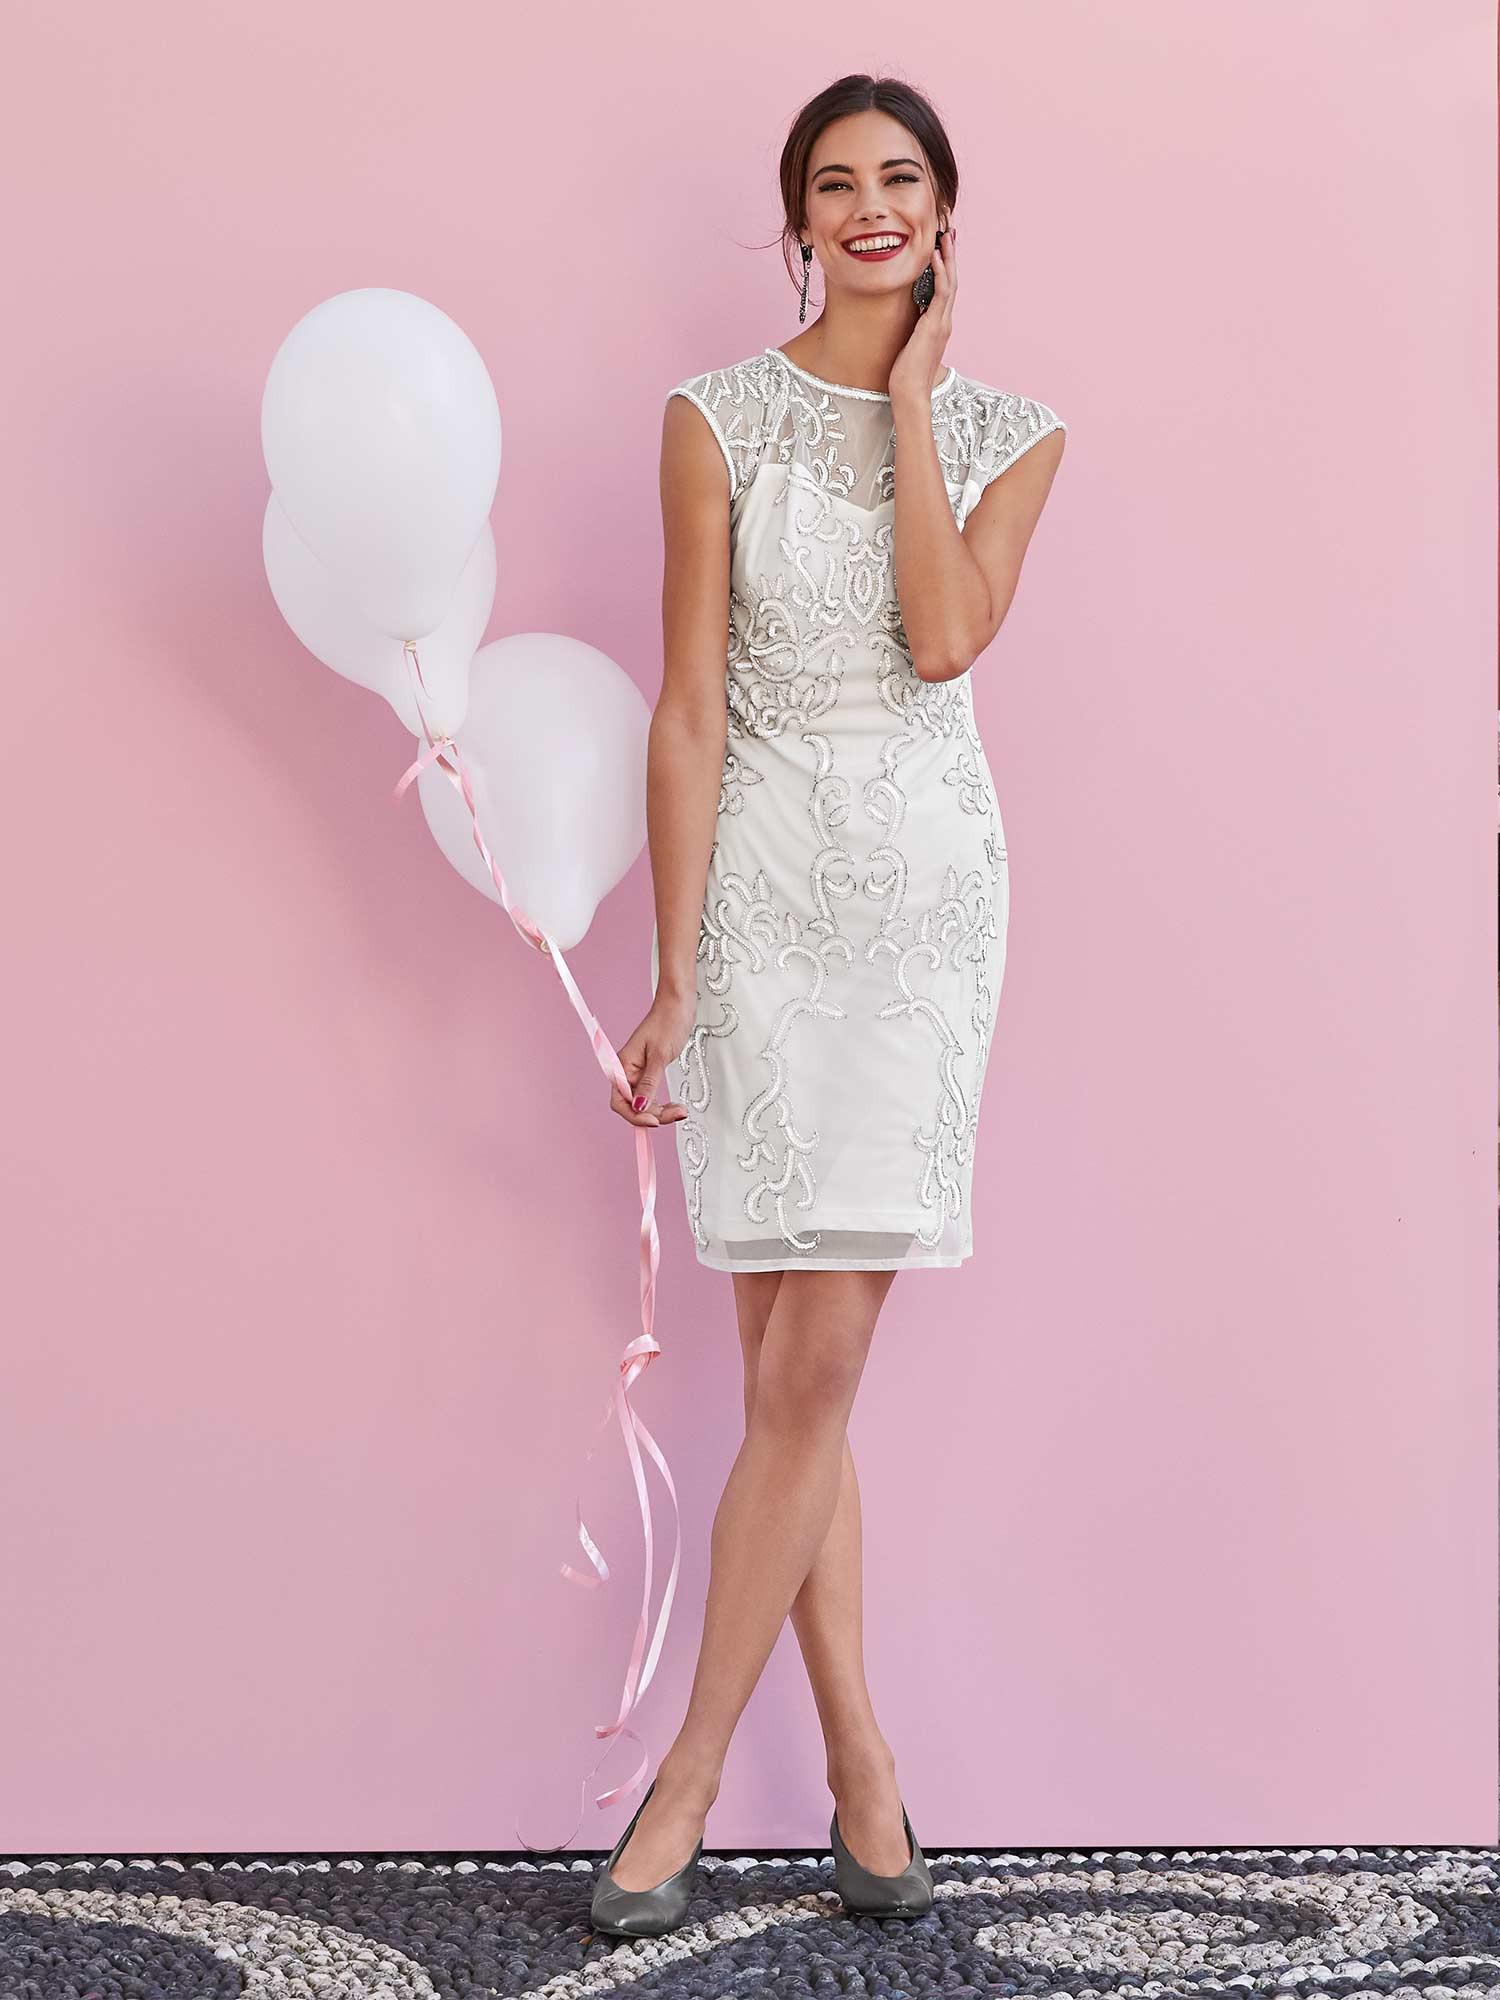 14 Wunderbar Schickes Kleid Für Hochzeit für 14 - Abendkleid